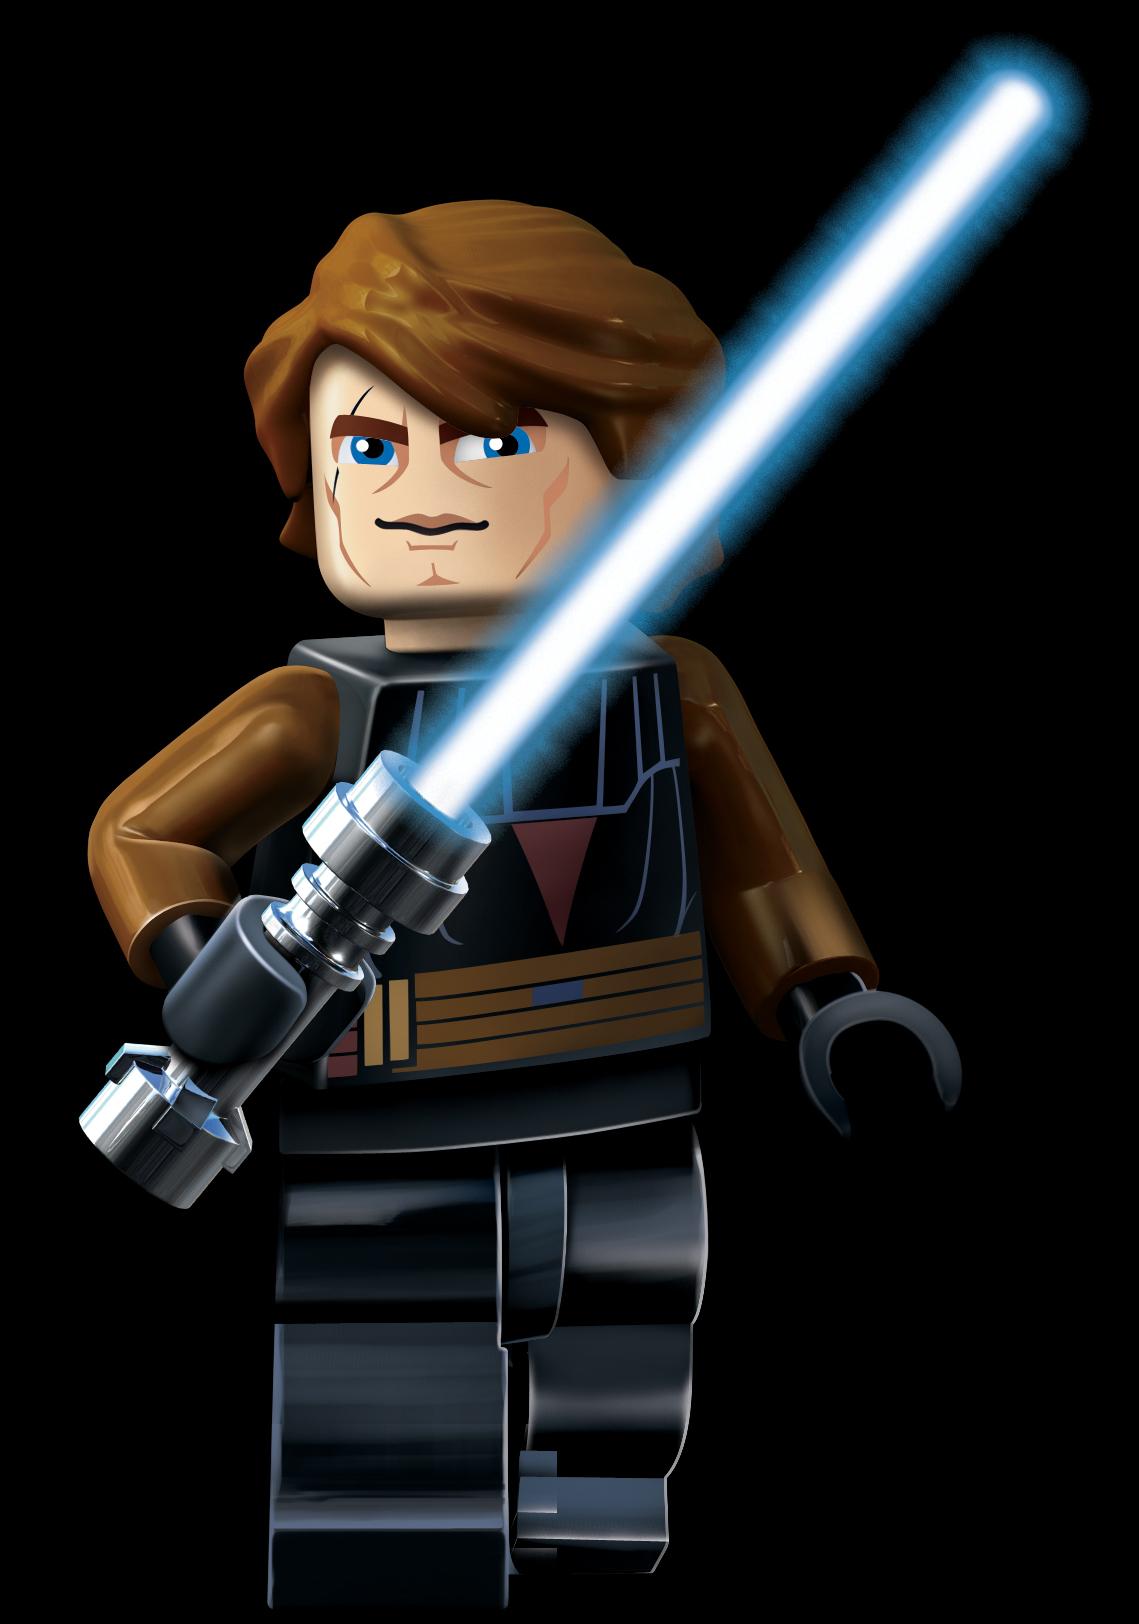 Blue eyes - Lego star wars vaisseau anakin ...